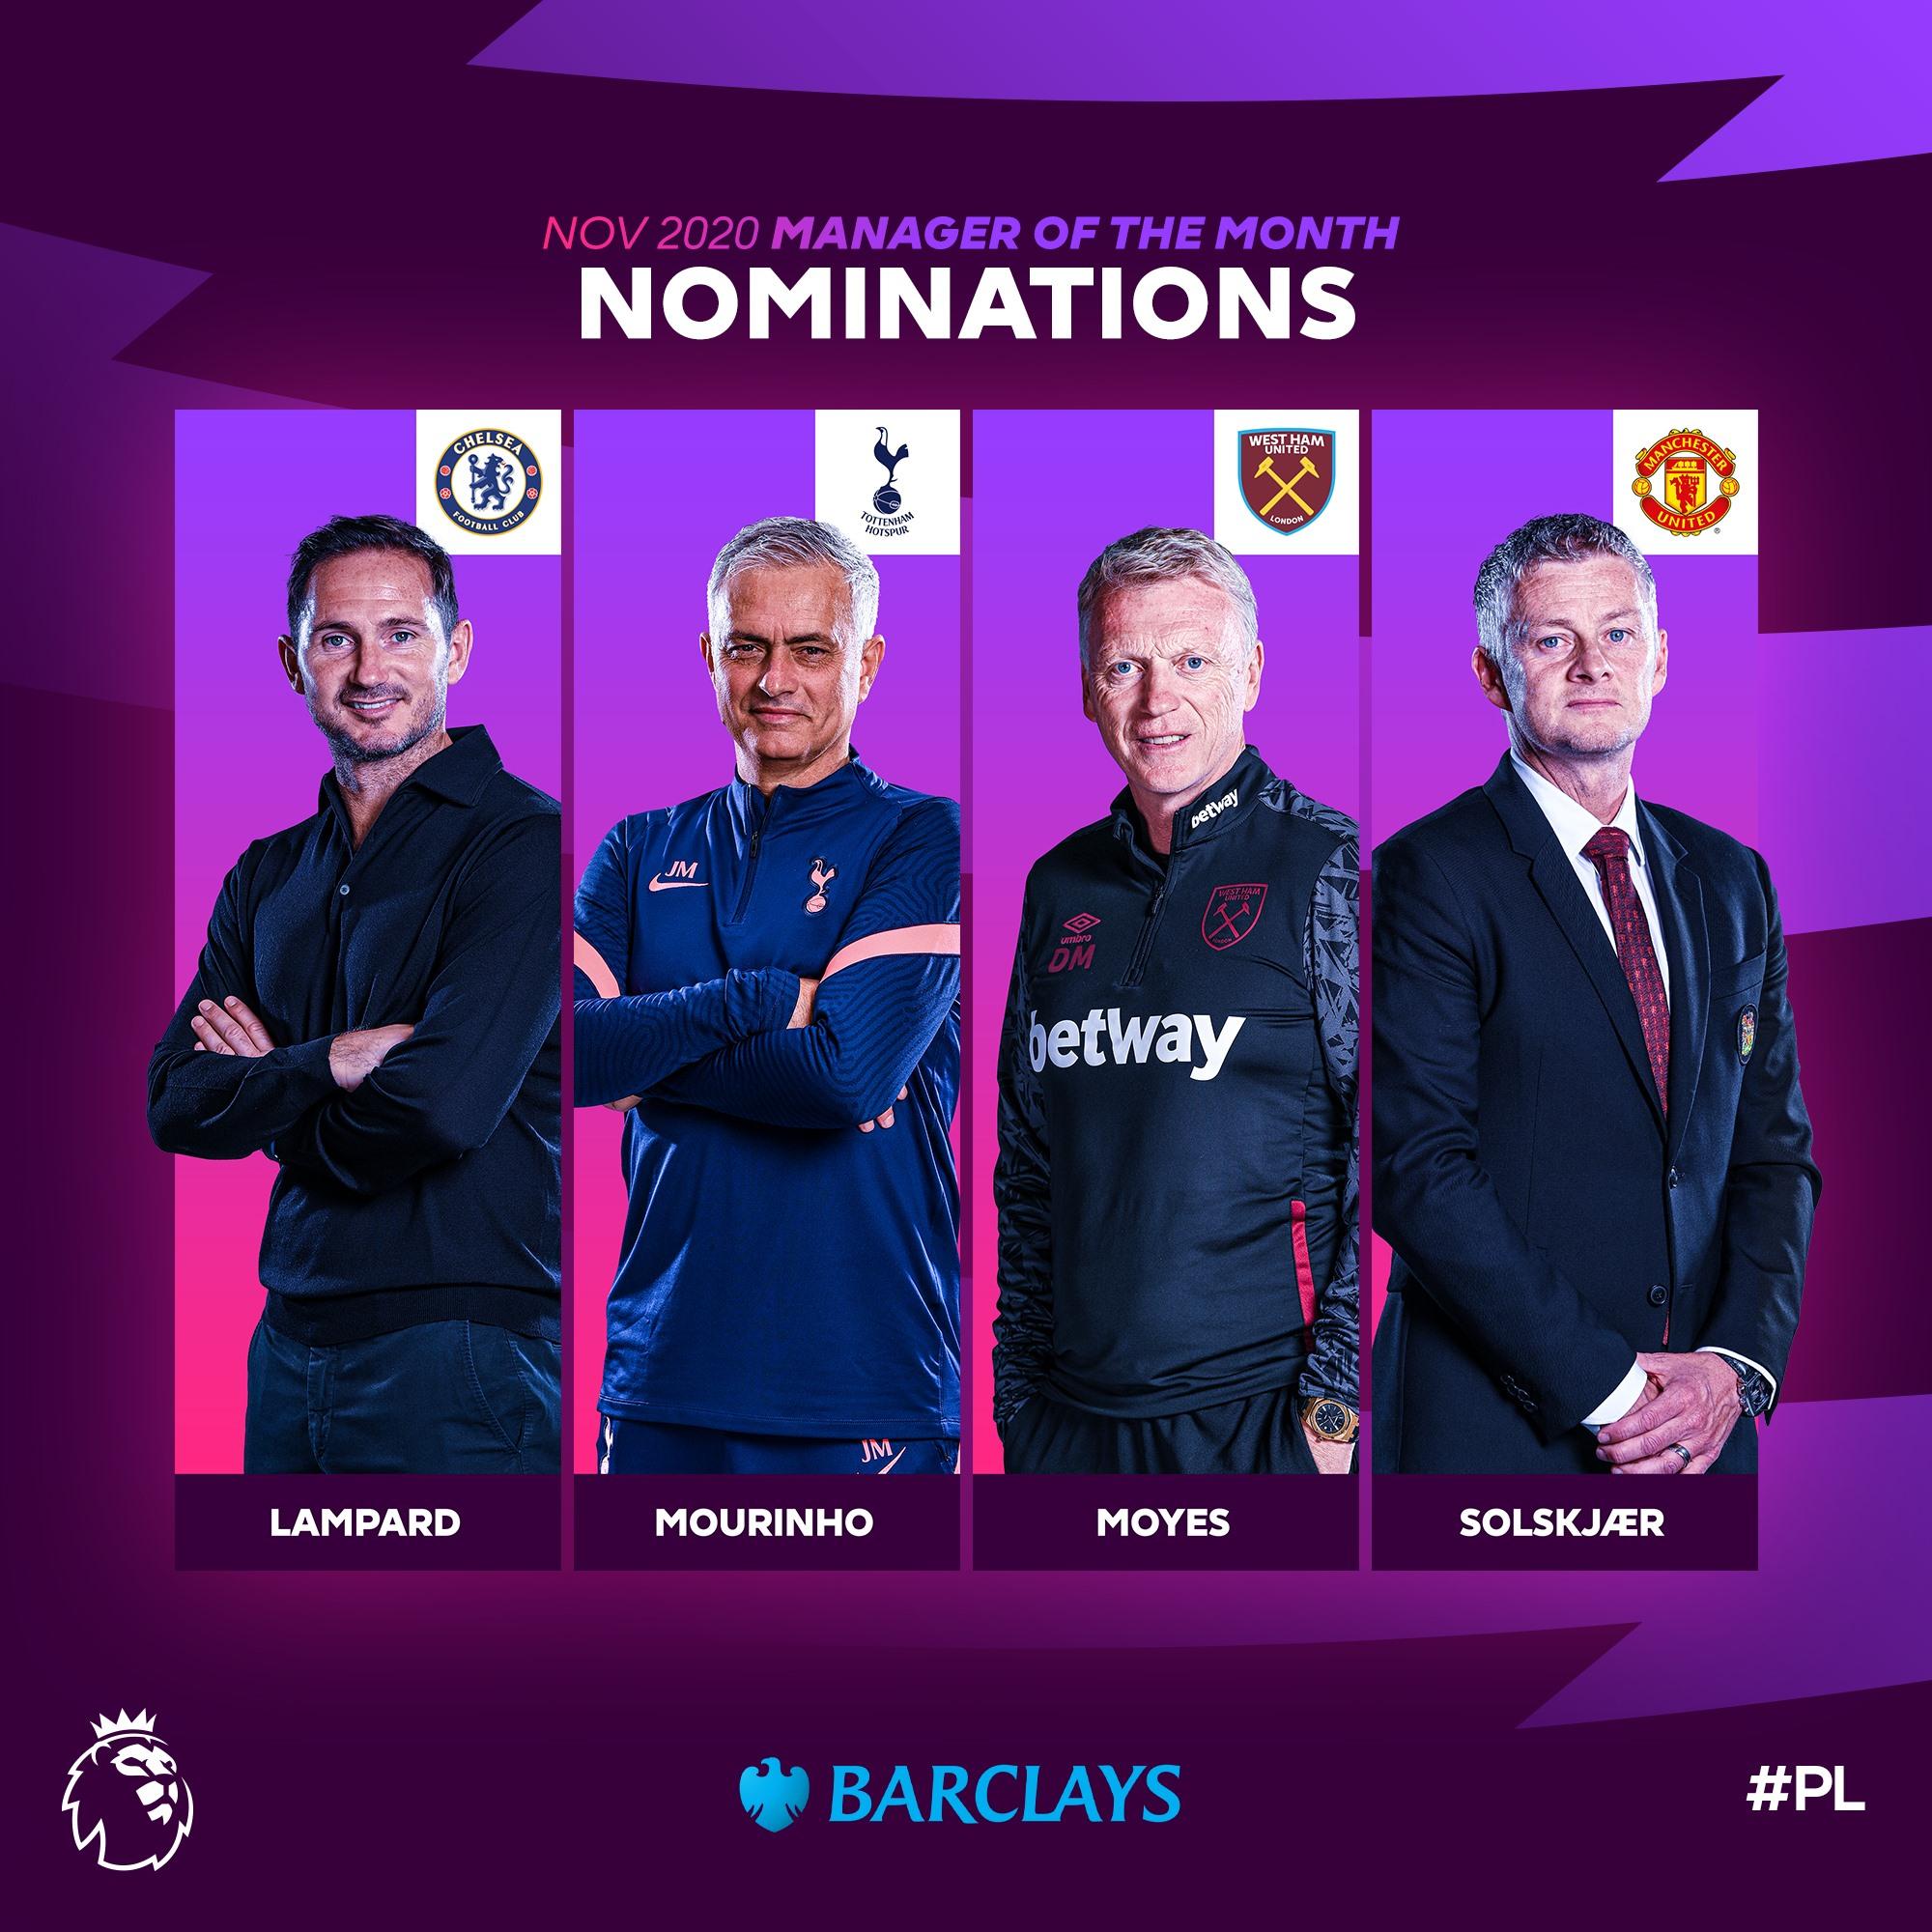 قائمة المدربين المرشحين لجائزة افضل مدرب بالدوري الانجليزي